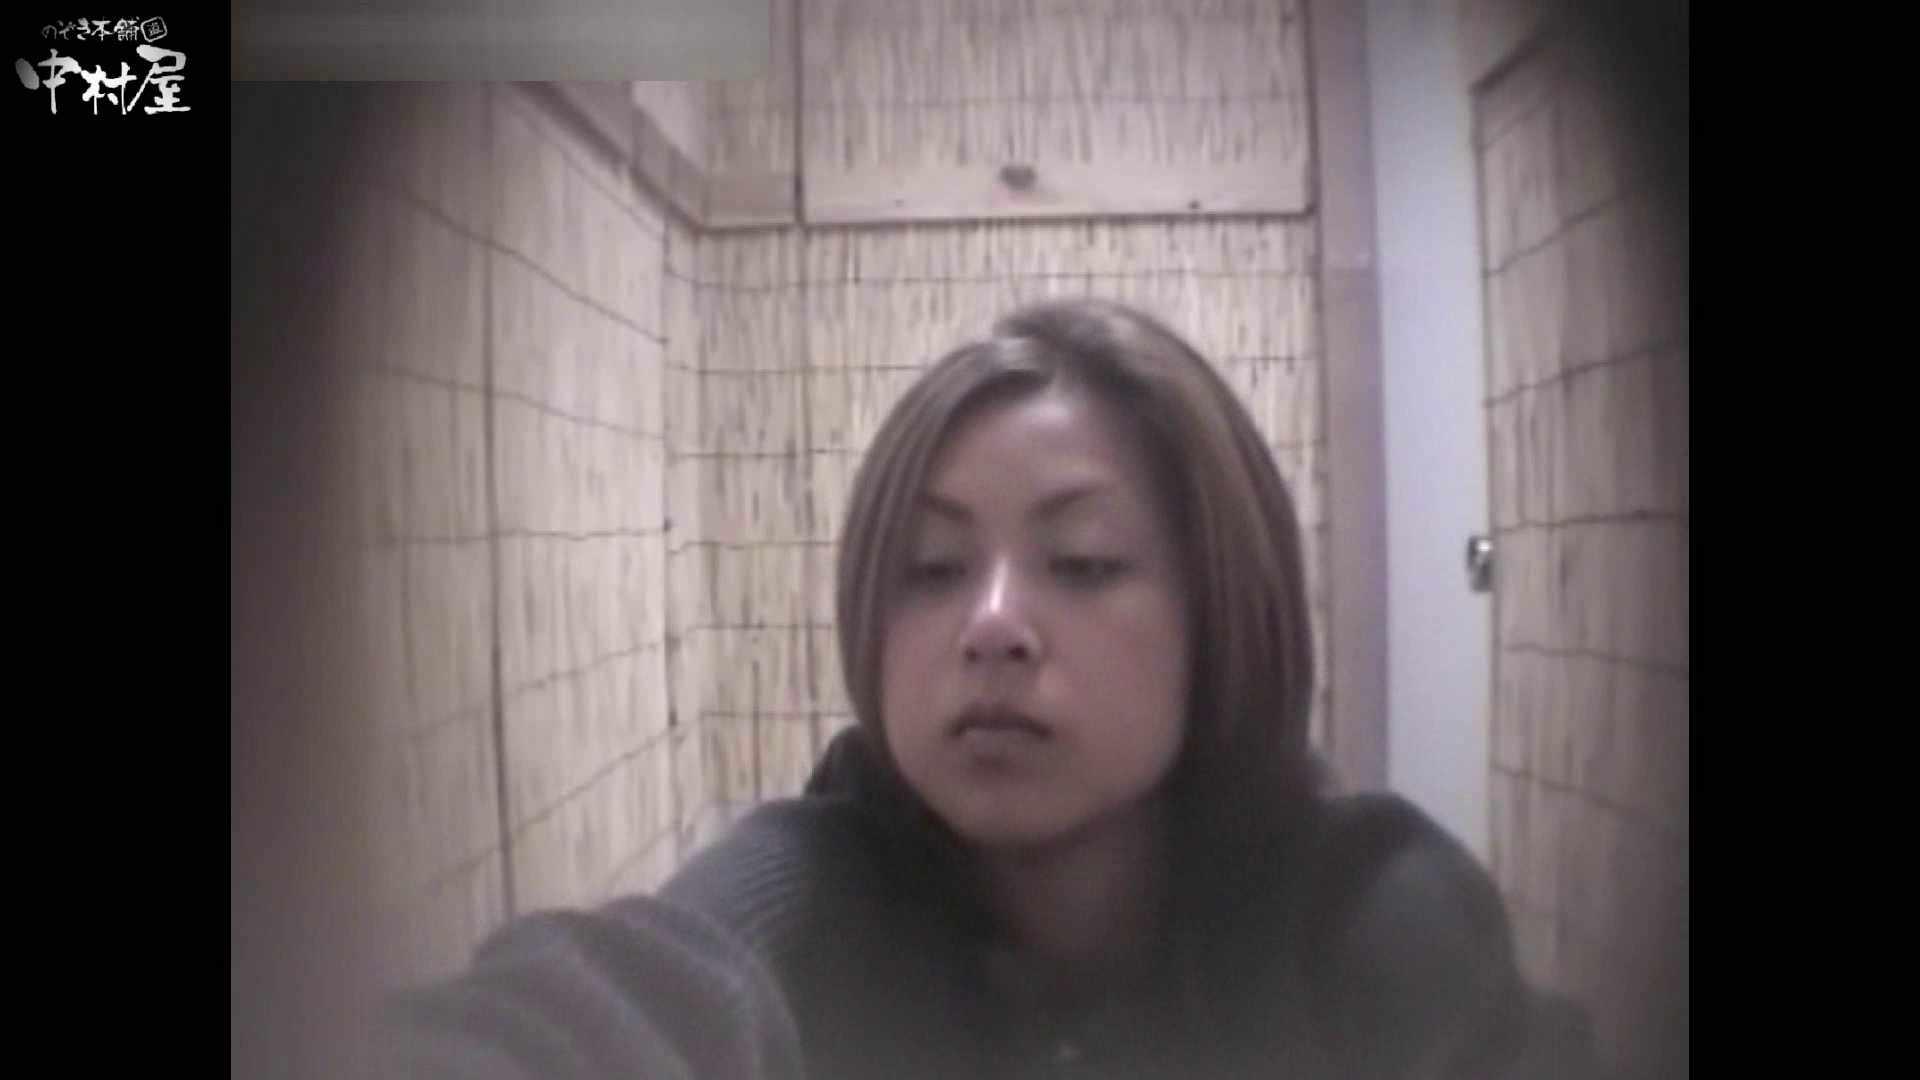 解禁!海の家4カメ洗面所vol.46 人気シリーズ 盗撮おめこ無修正動画無料 61PICs 39